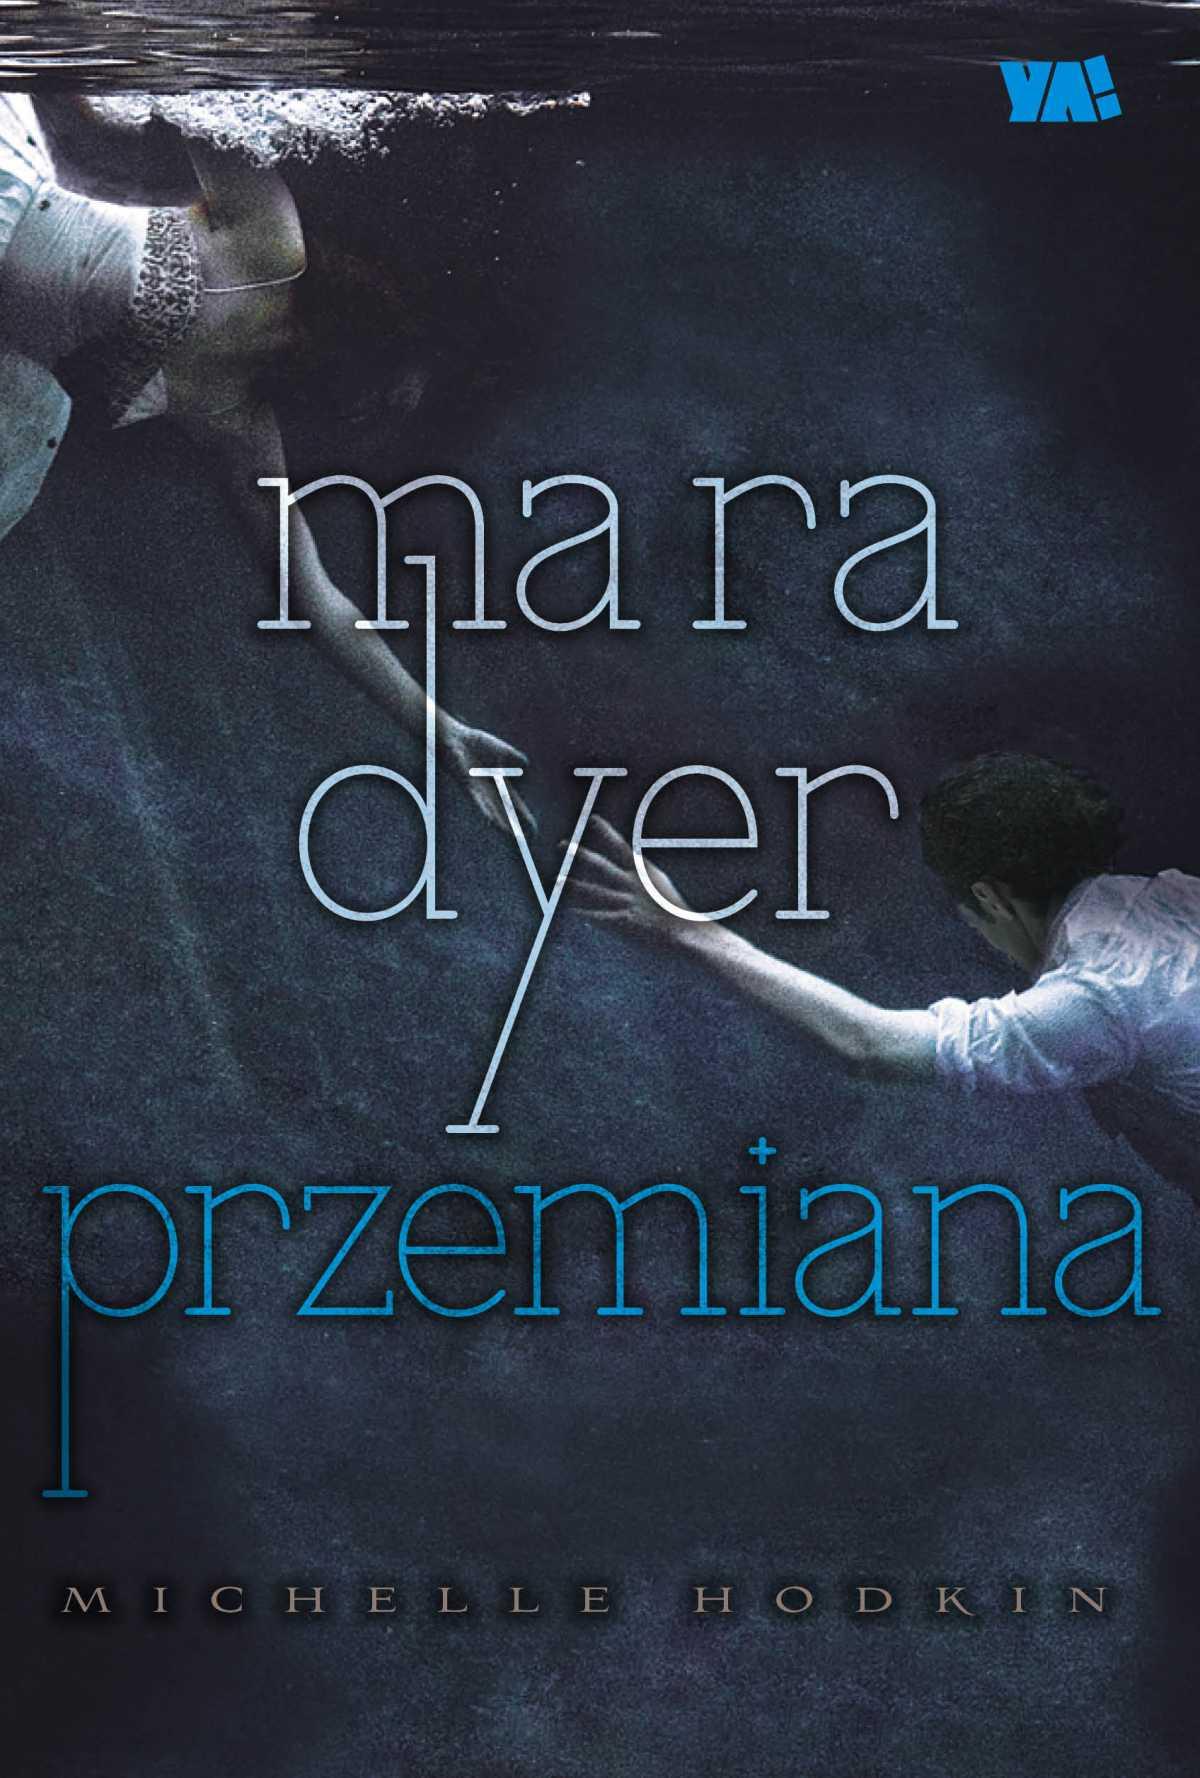 Mara Dyer. Przemiana - Ebook (Książka EPUB) do pobrania w formacie EPUB